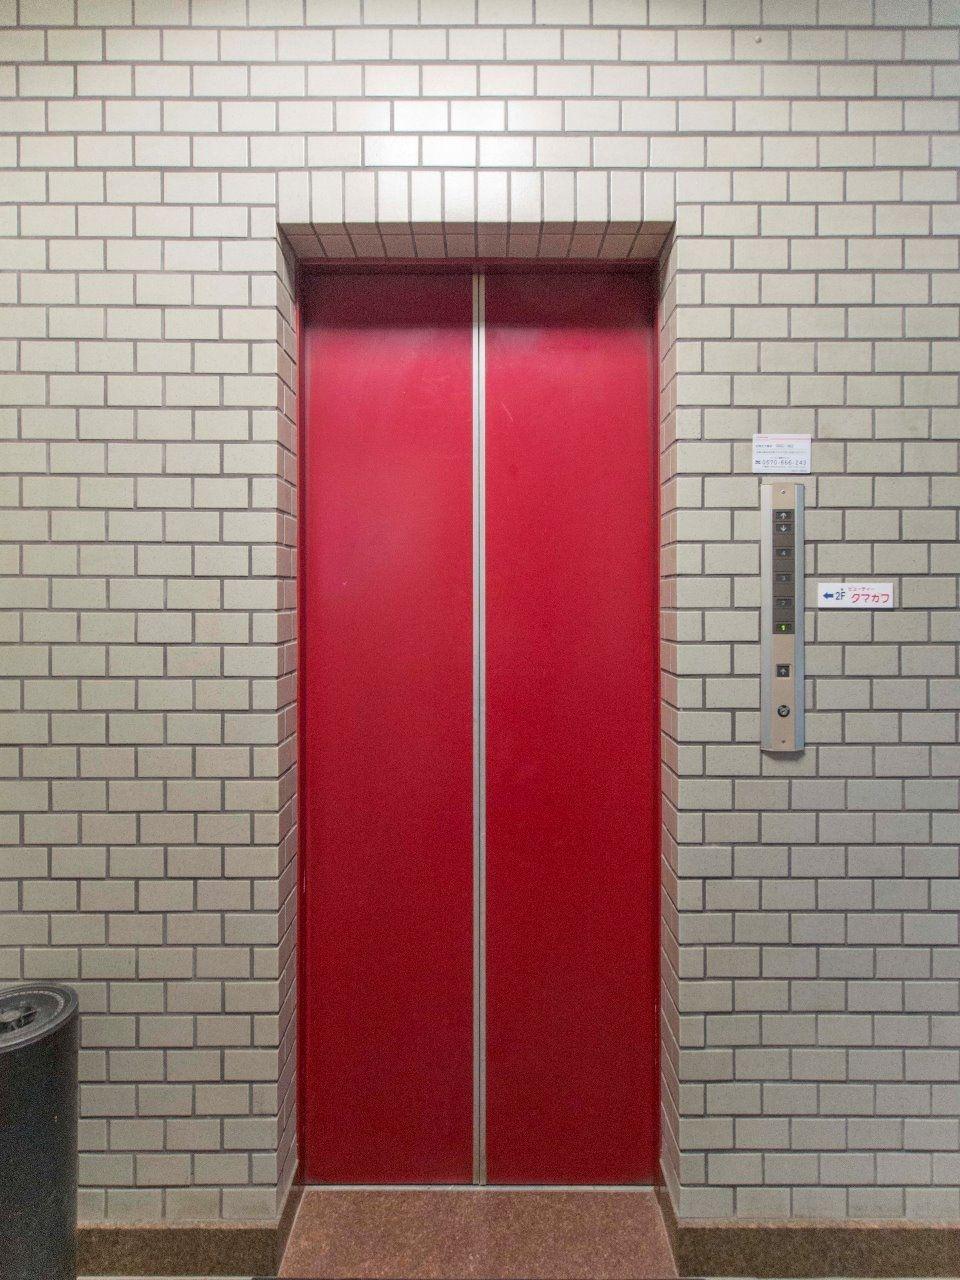 便利なエレベーターのある建物